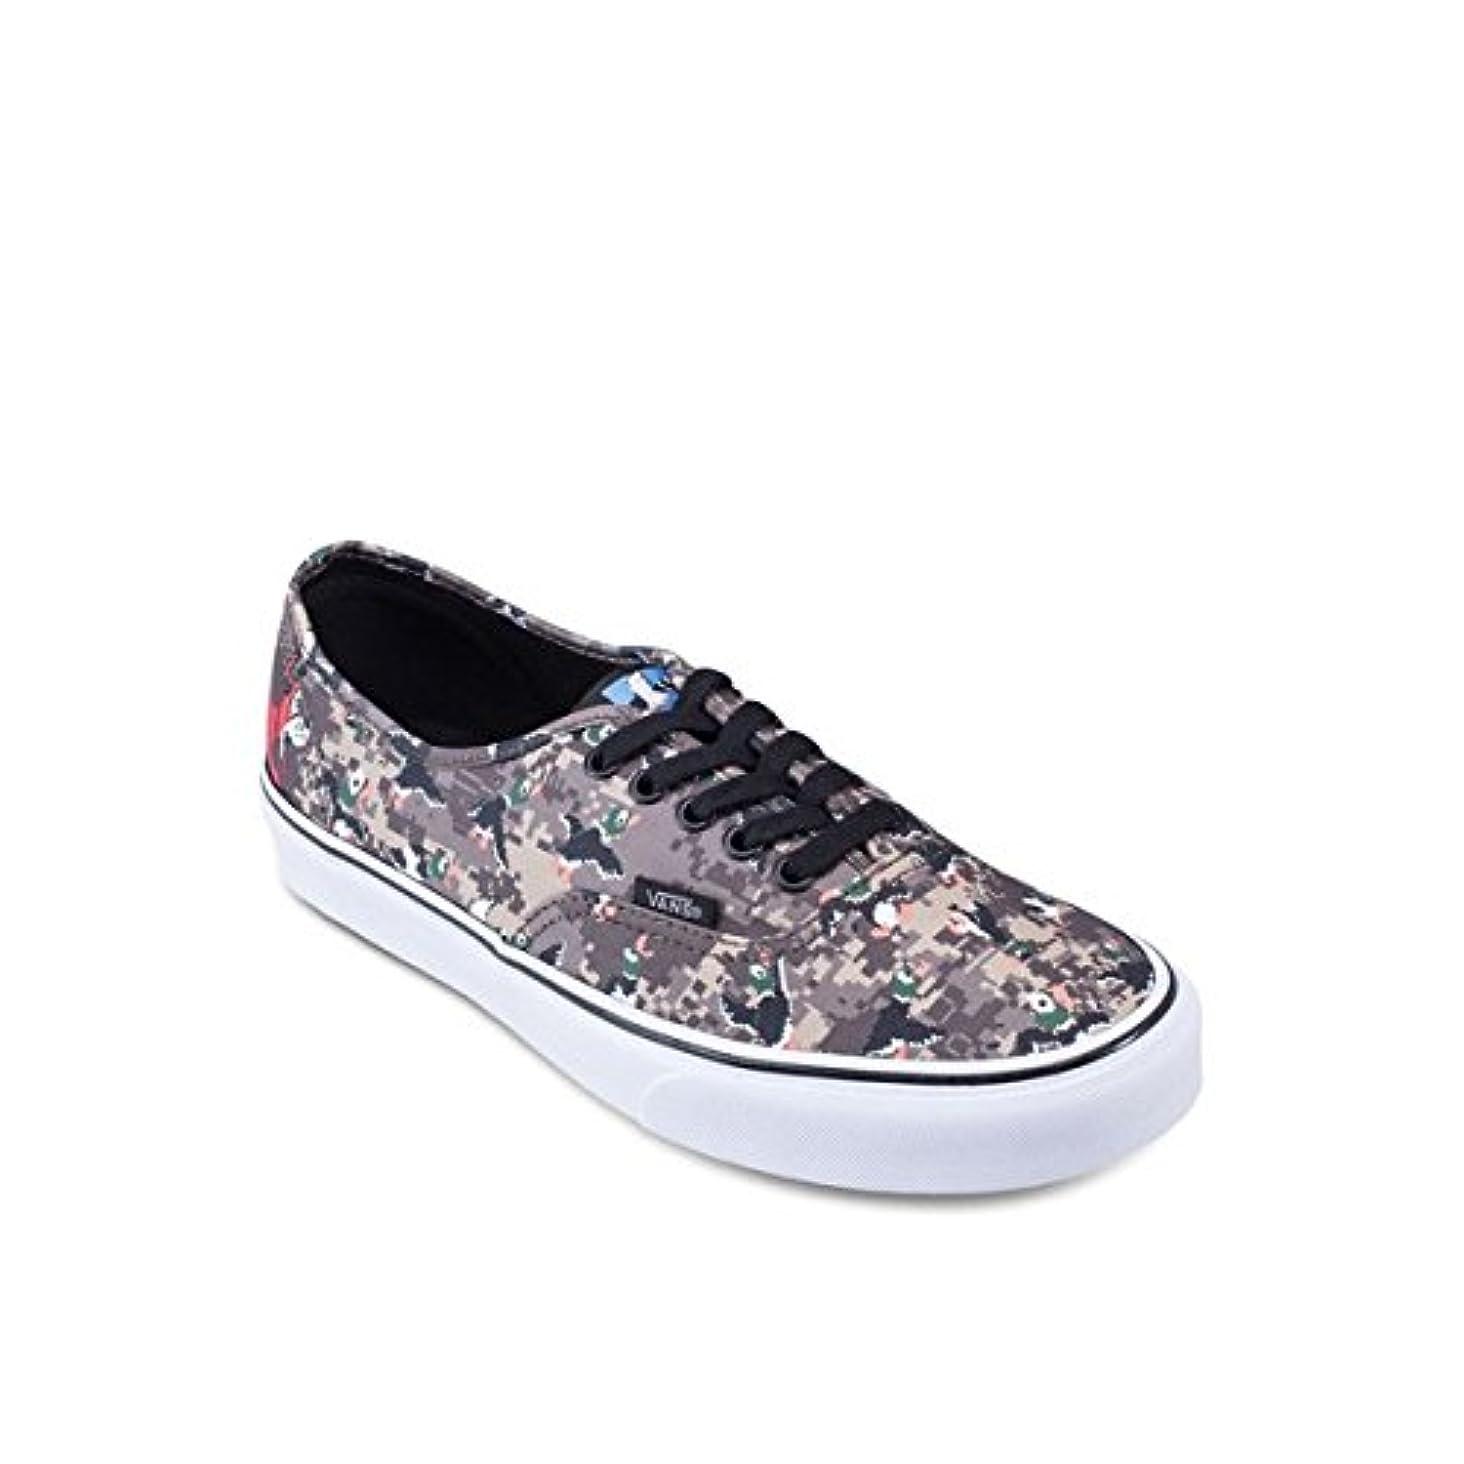 写真ミケランジェロ船尾(バンズ) VANS レディース シューズ?靴 スニーカー Authentic Sneakers 並行輸入品